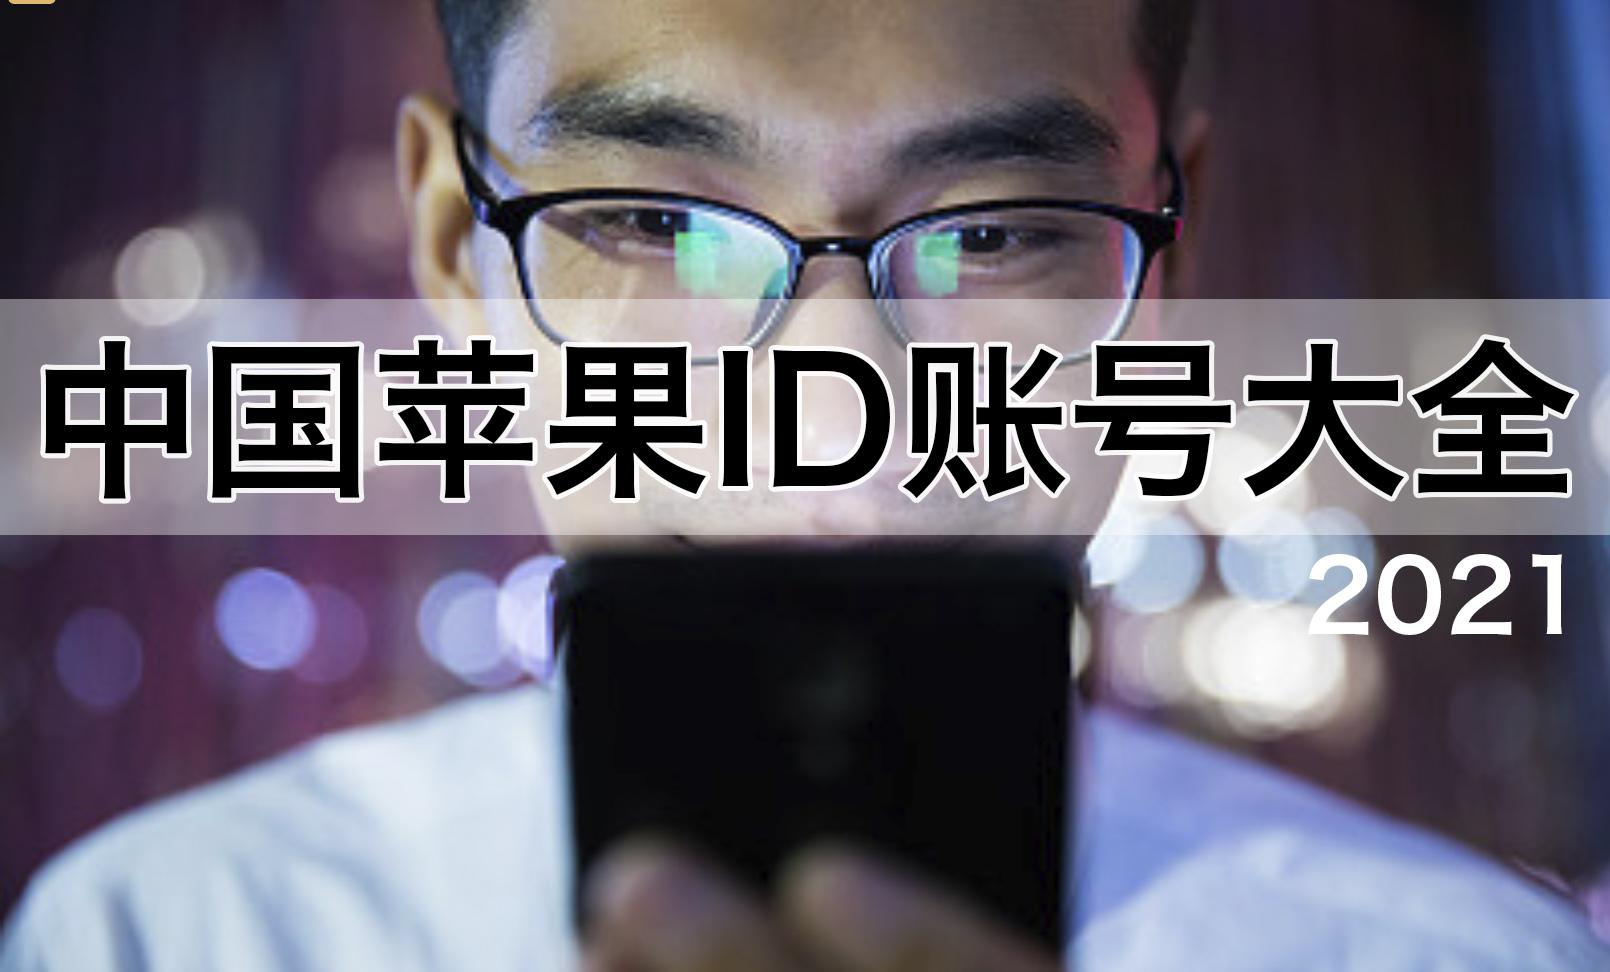 中国苹果ID账号密码大全2021免费中国ios账号分享